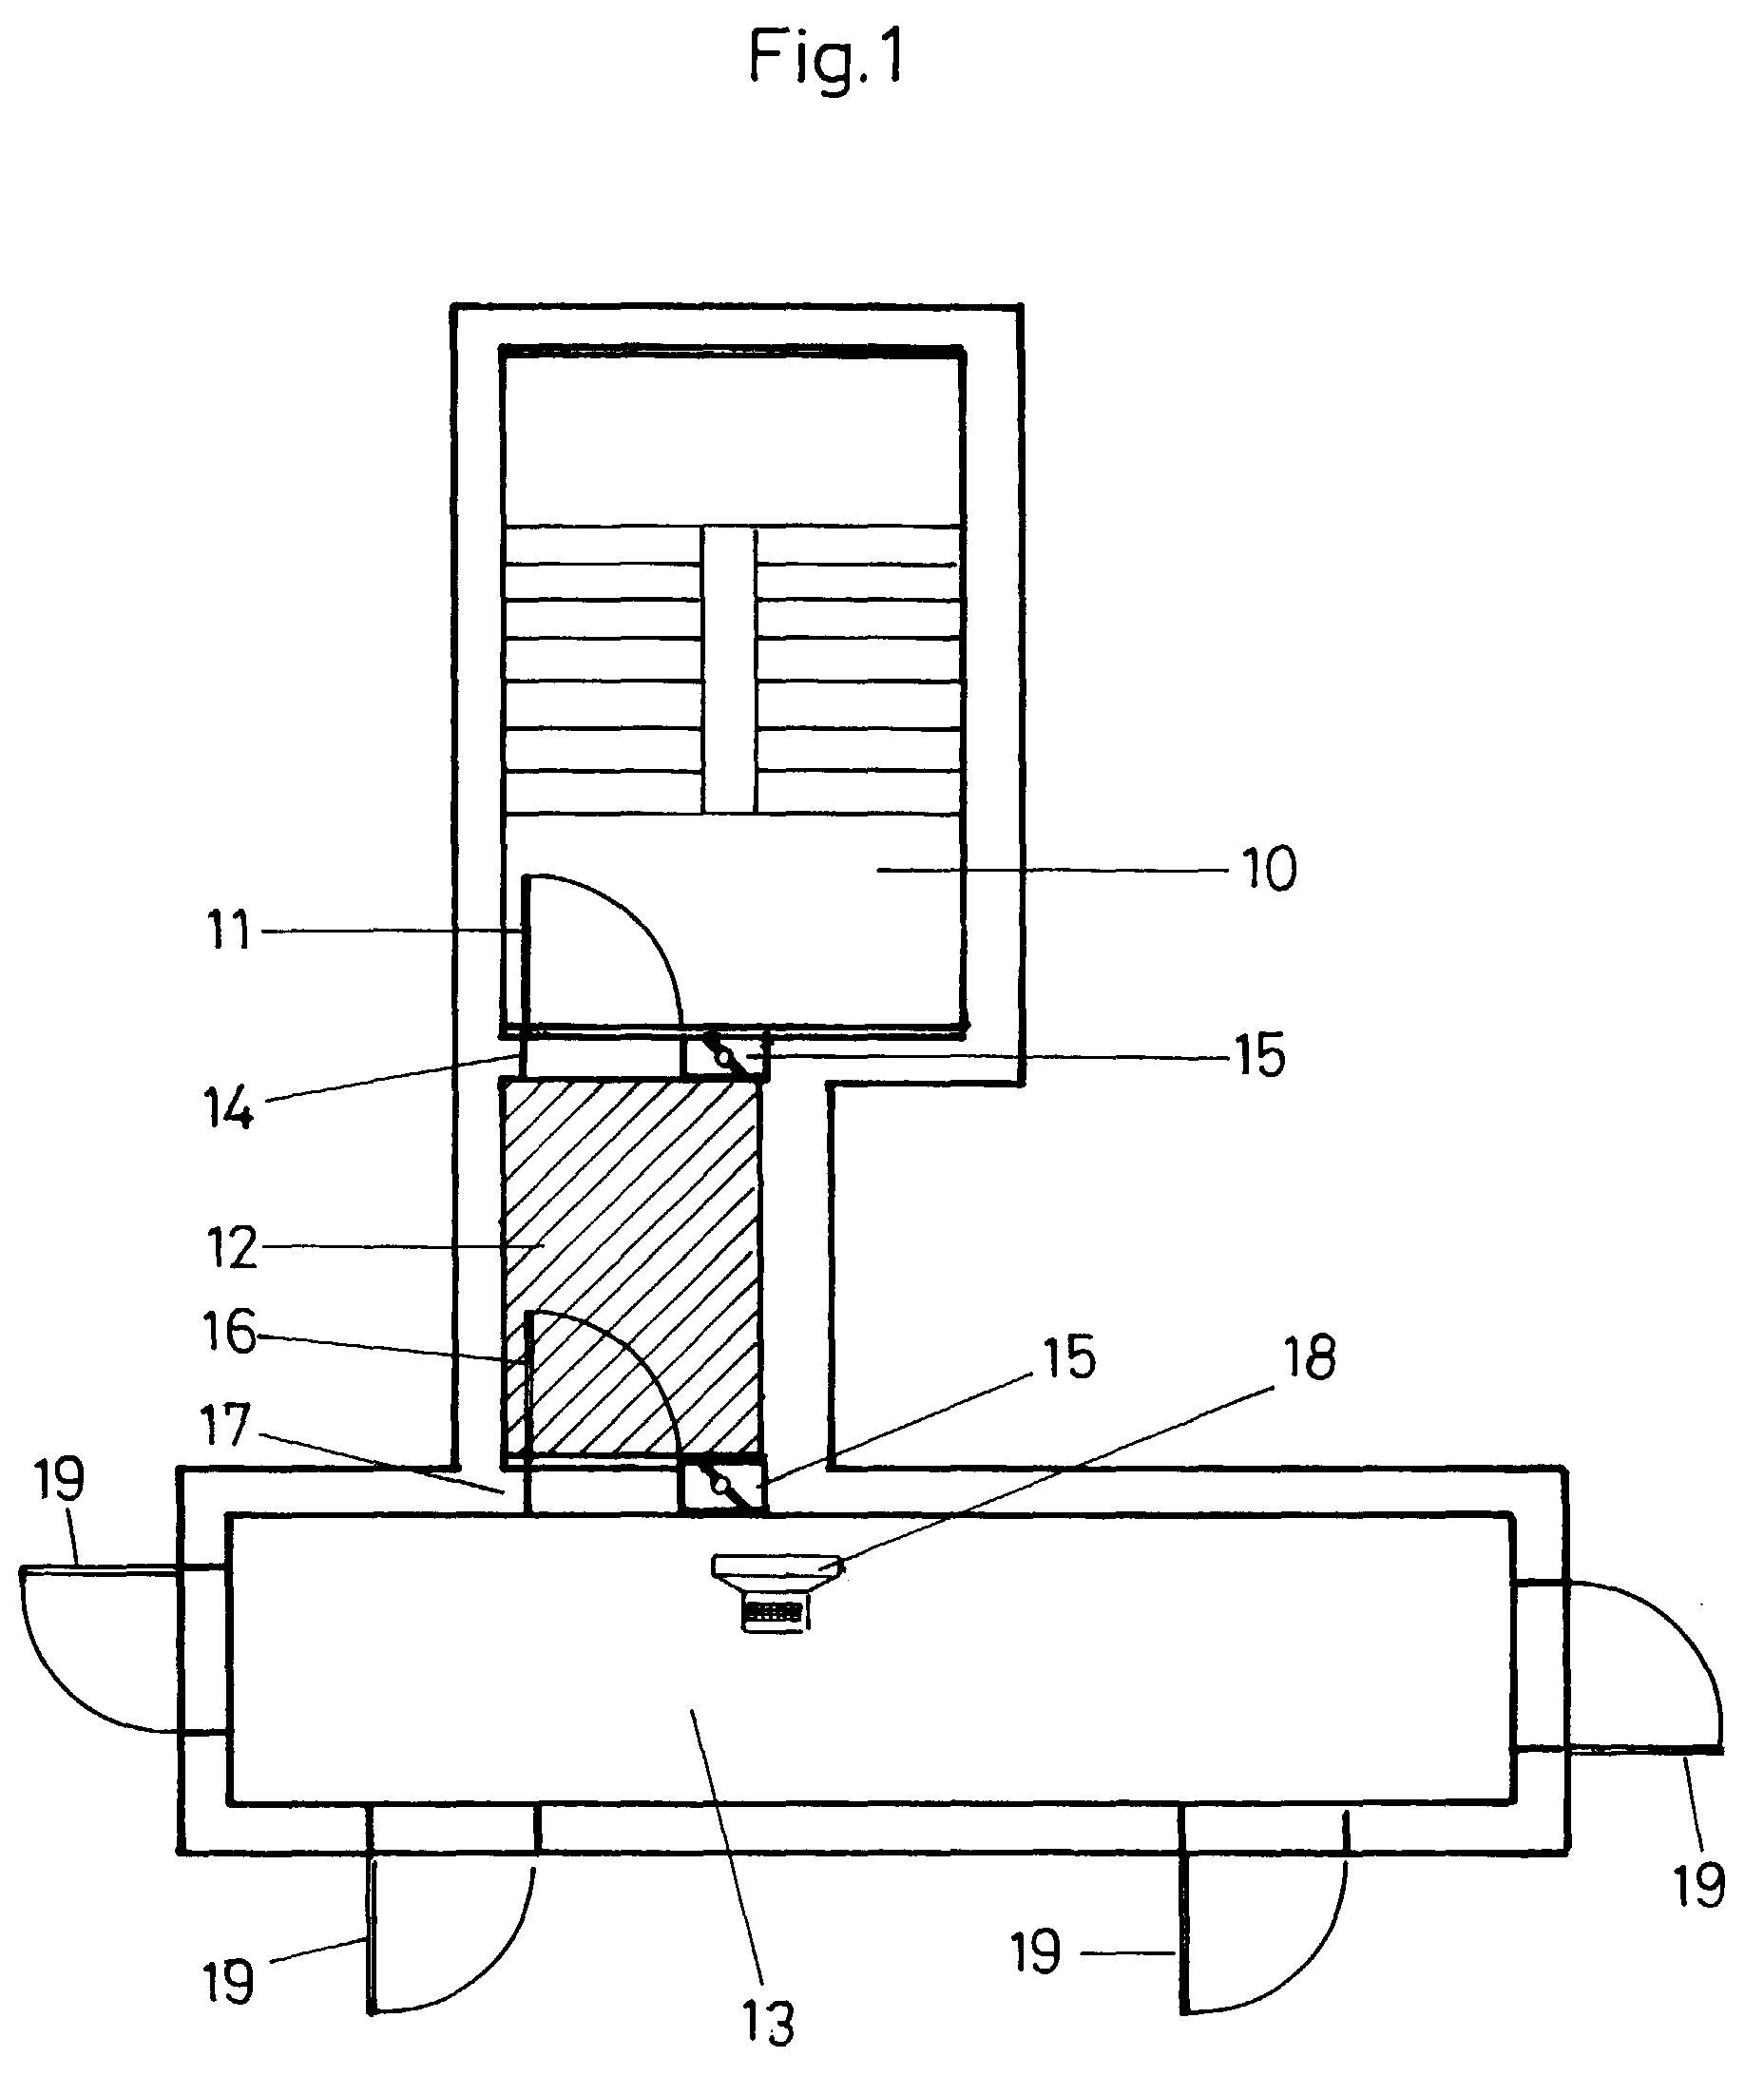 patent ep0995955a2 rauchschutzeinrichtung f r treppenr ume oder dergleichen google patents. Black Bedroom Furniture Sets. Home Design Ideas